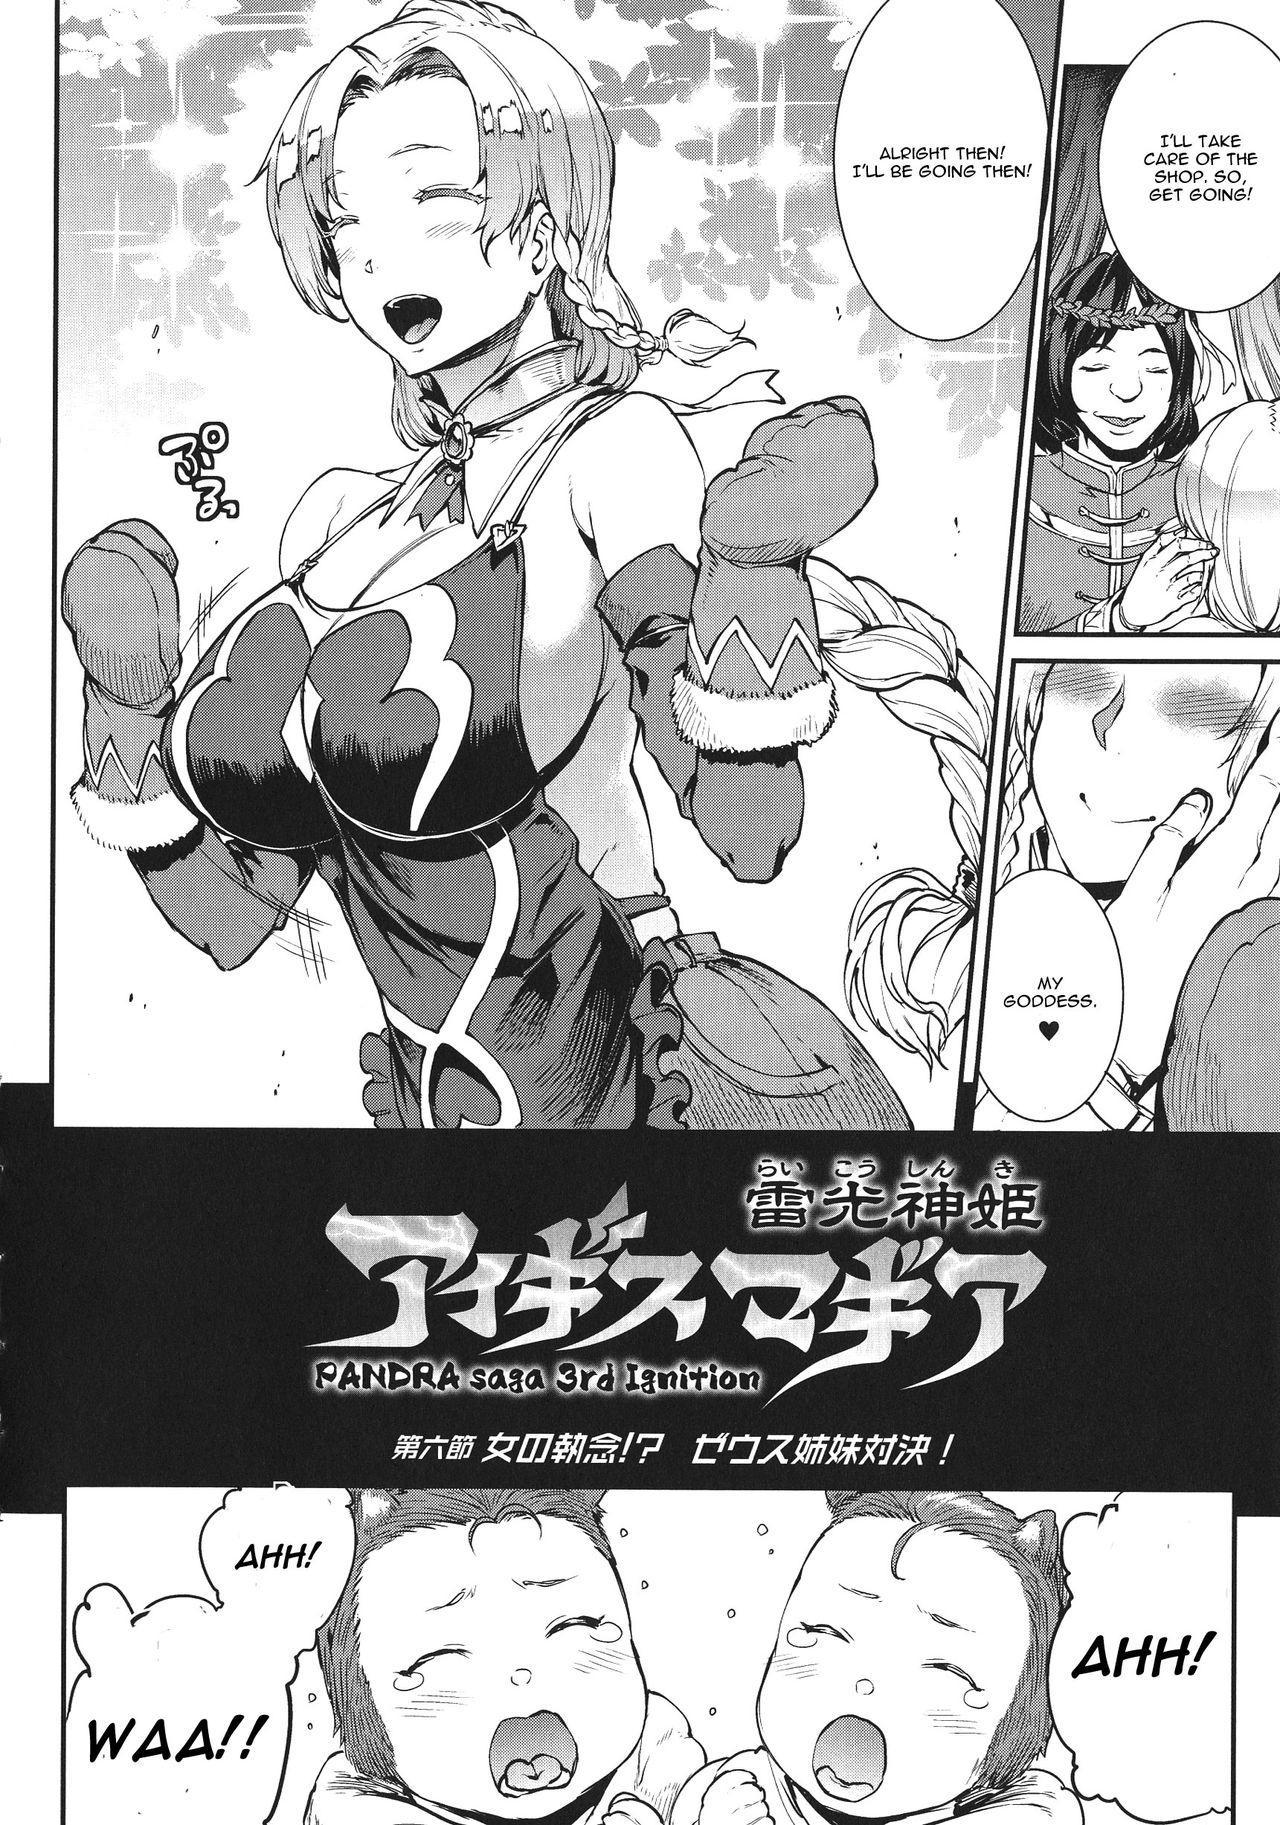 [Erect Sawaru] Raikou Shinki Igis Magia -PANDRA saga 3rd ignition- Ch. 1-6 [English] [CGrascal] 128